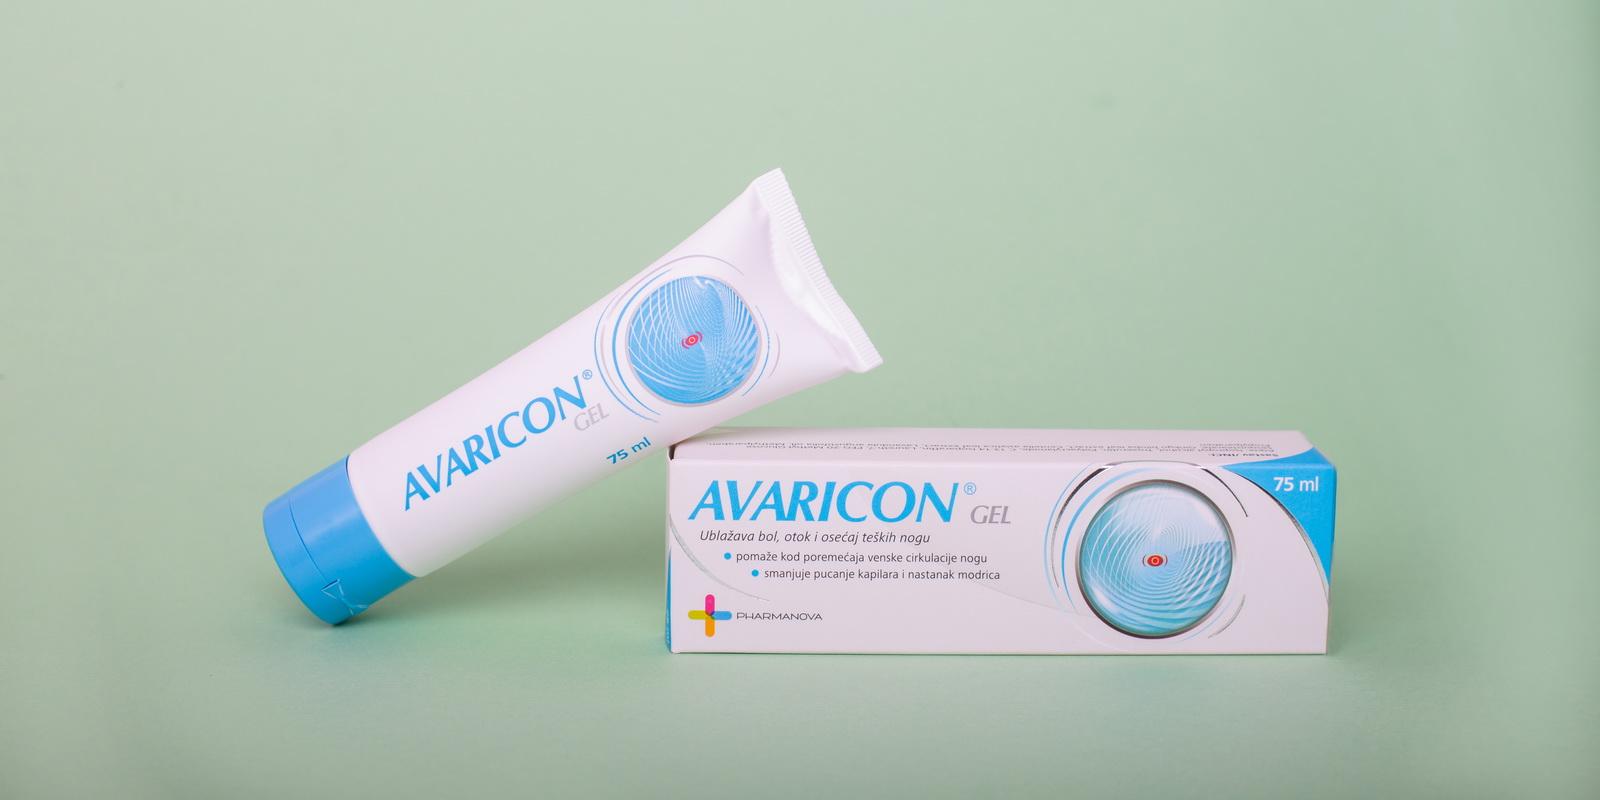 Avaricon-za-vene-profilna-2-2